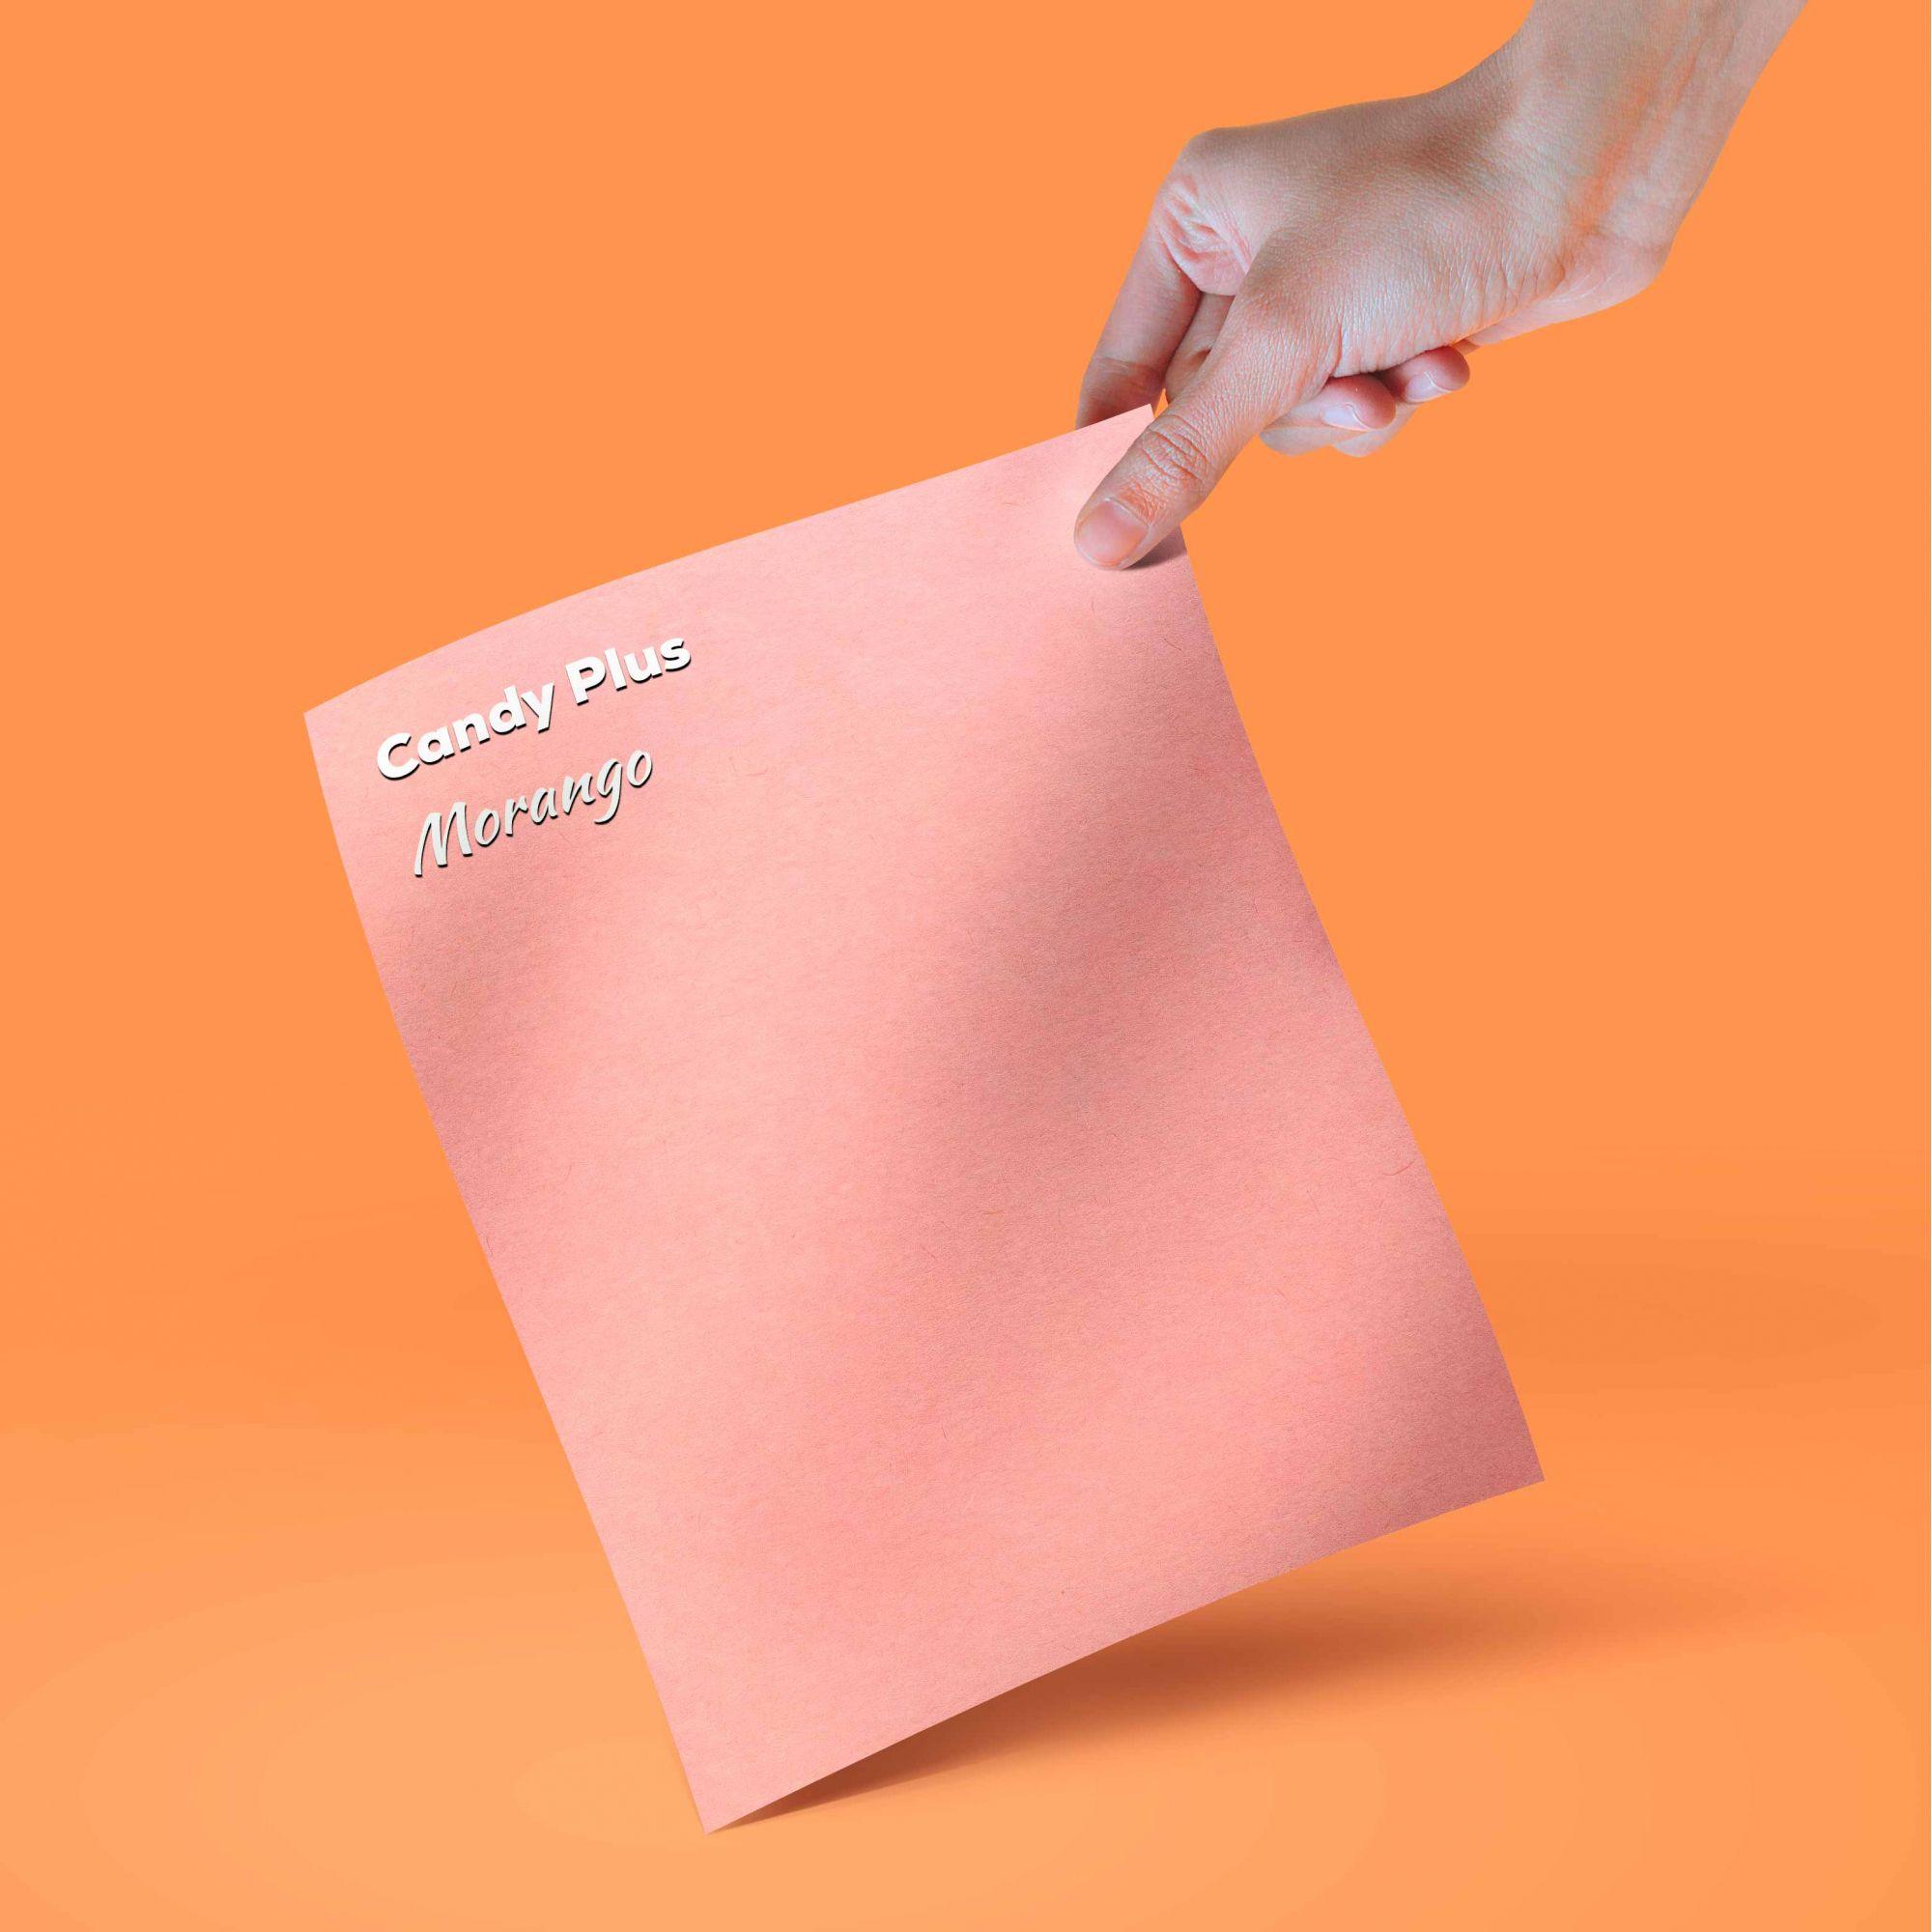 Candy Plus - Morango  - Rosa  - Tam. 30,5x30,5cm - 180g/m² - 20 folhas